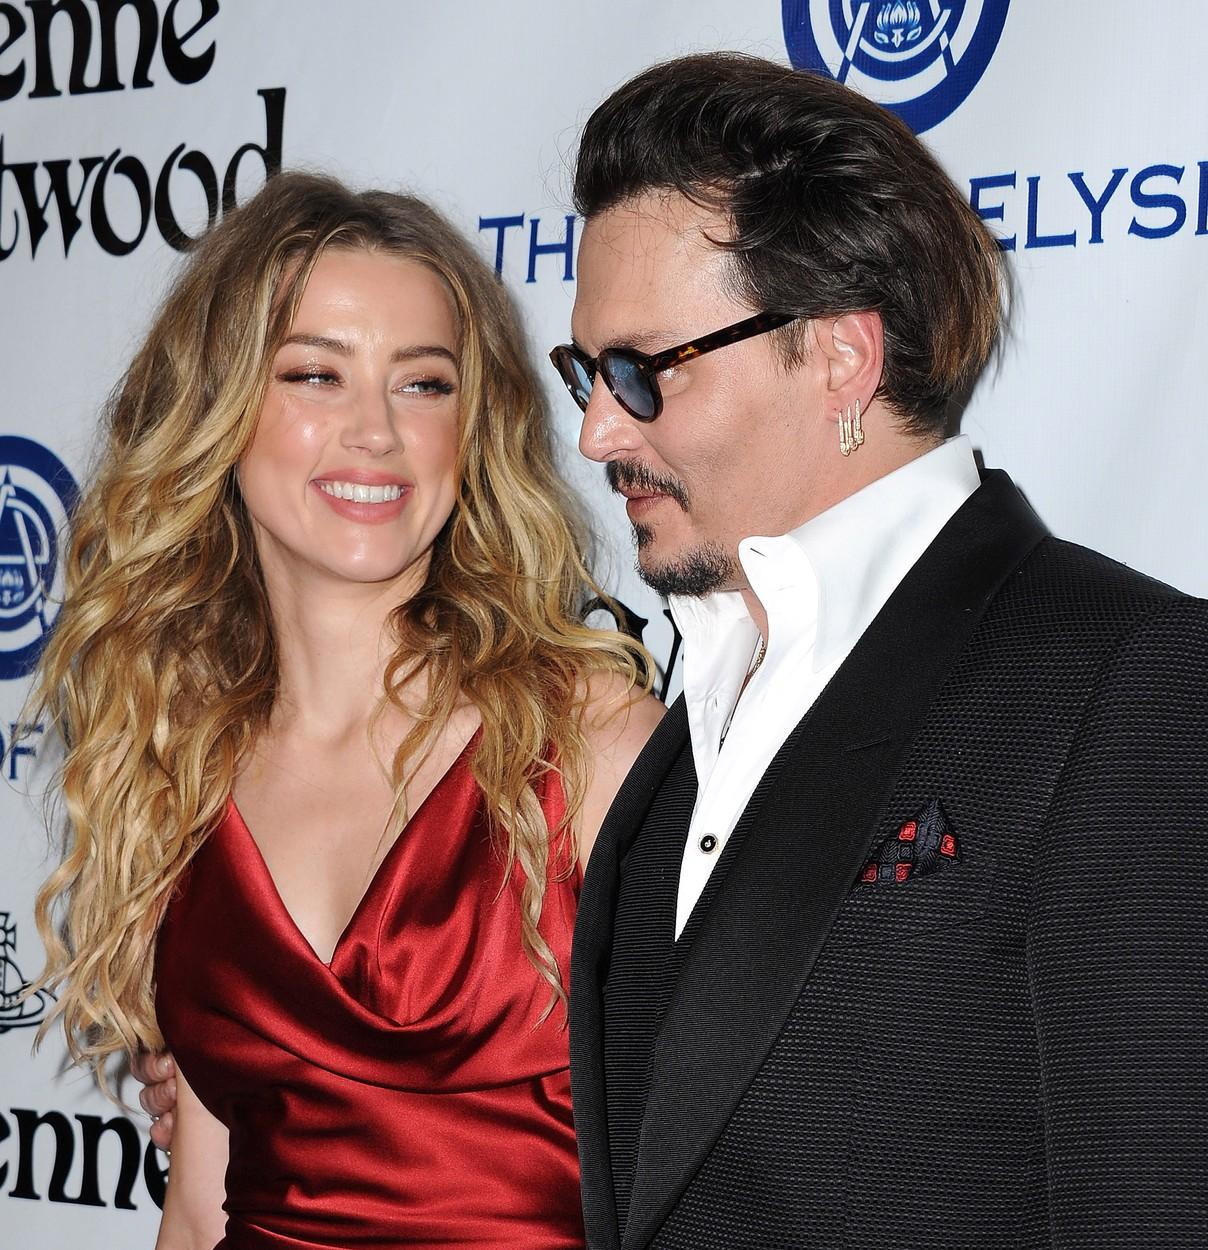 Drog, verés, alkohol - Amber Heard és Johnny Depp kapcsolata és válása 10 pontban